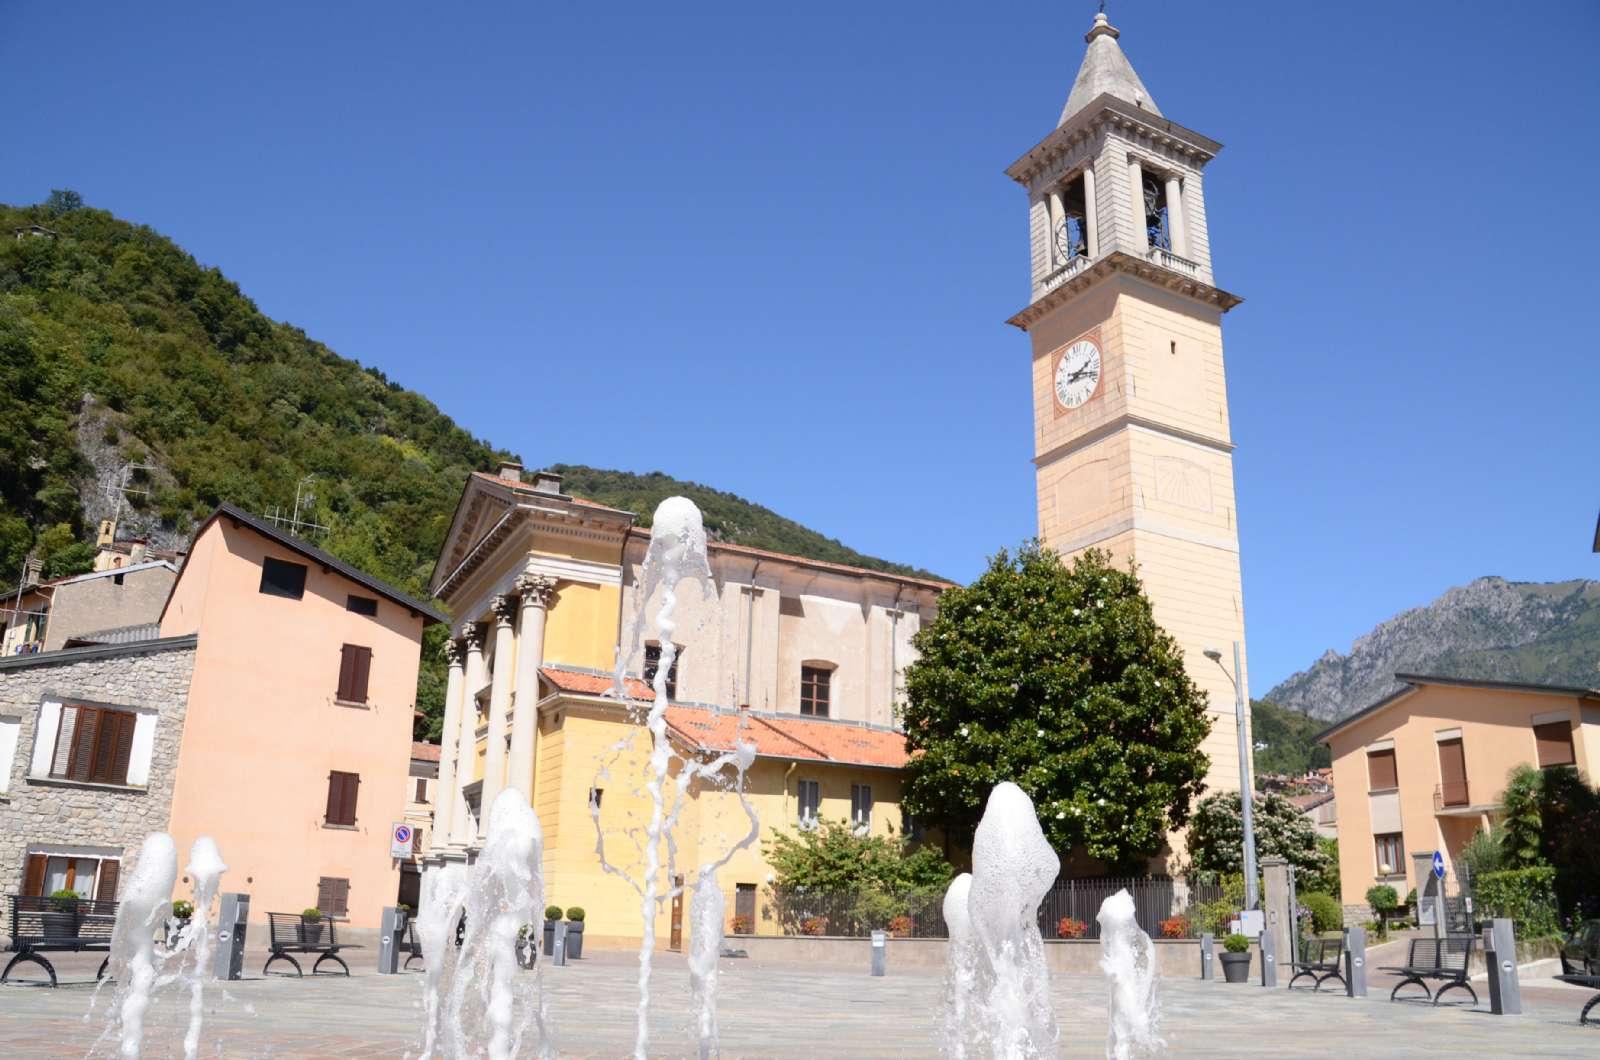 Der Stadtplatz mit Brunnen